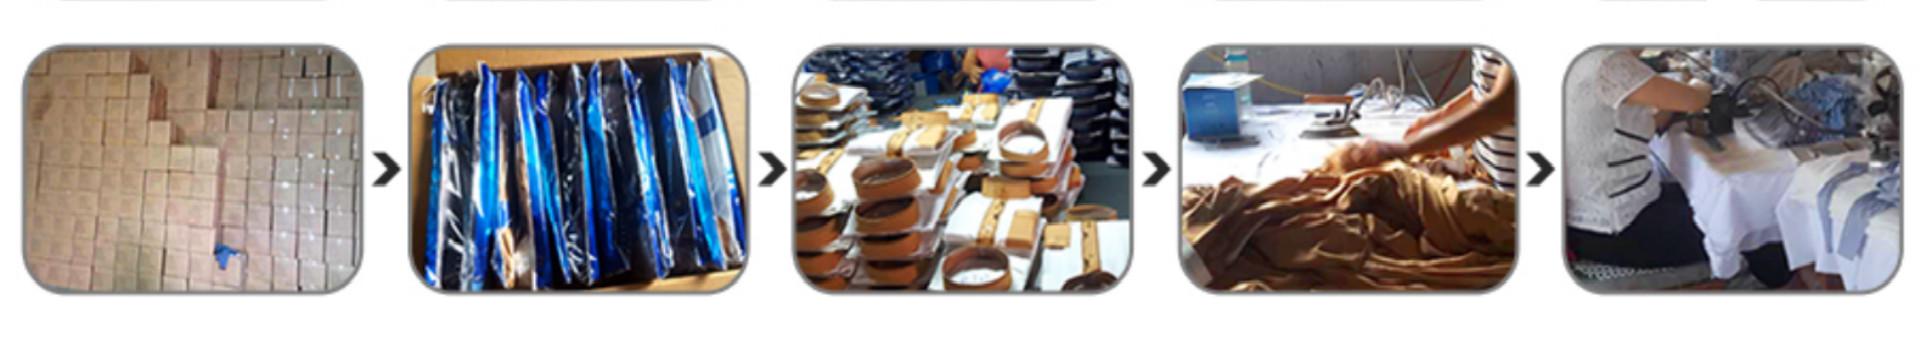 d613c03d3 Produkter|thawb|로브|HEBEI QUEHONG TRADING CO.,LTD